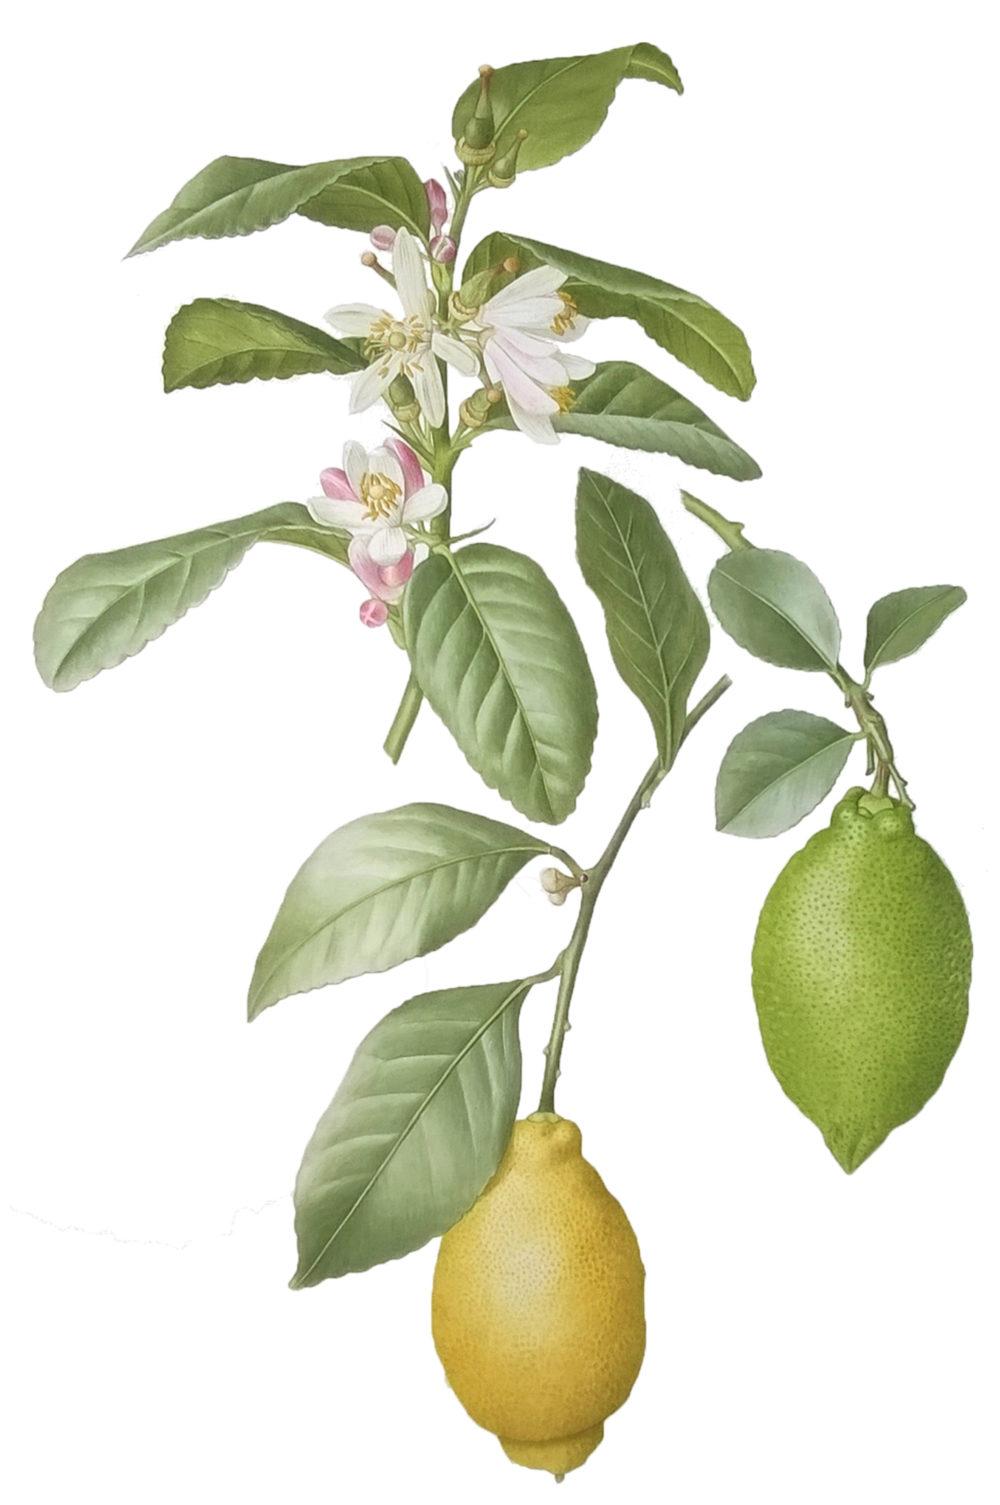 Lemon blossom and fruit